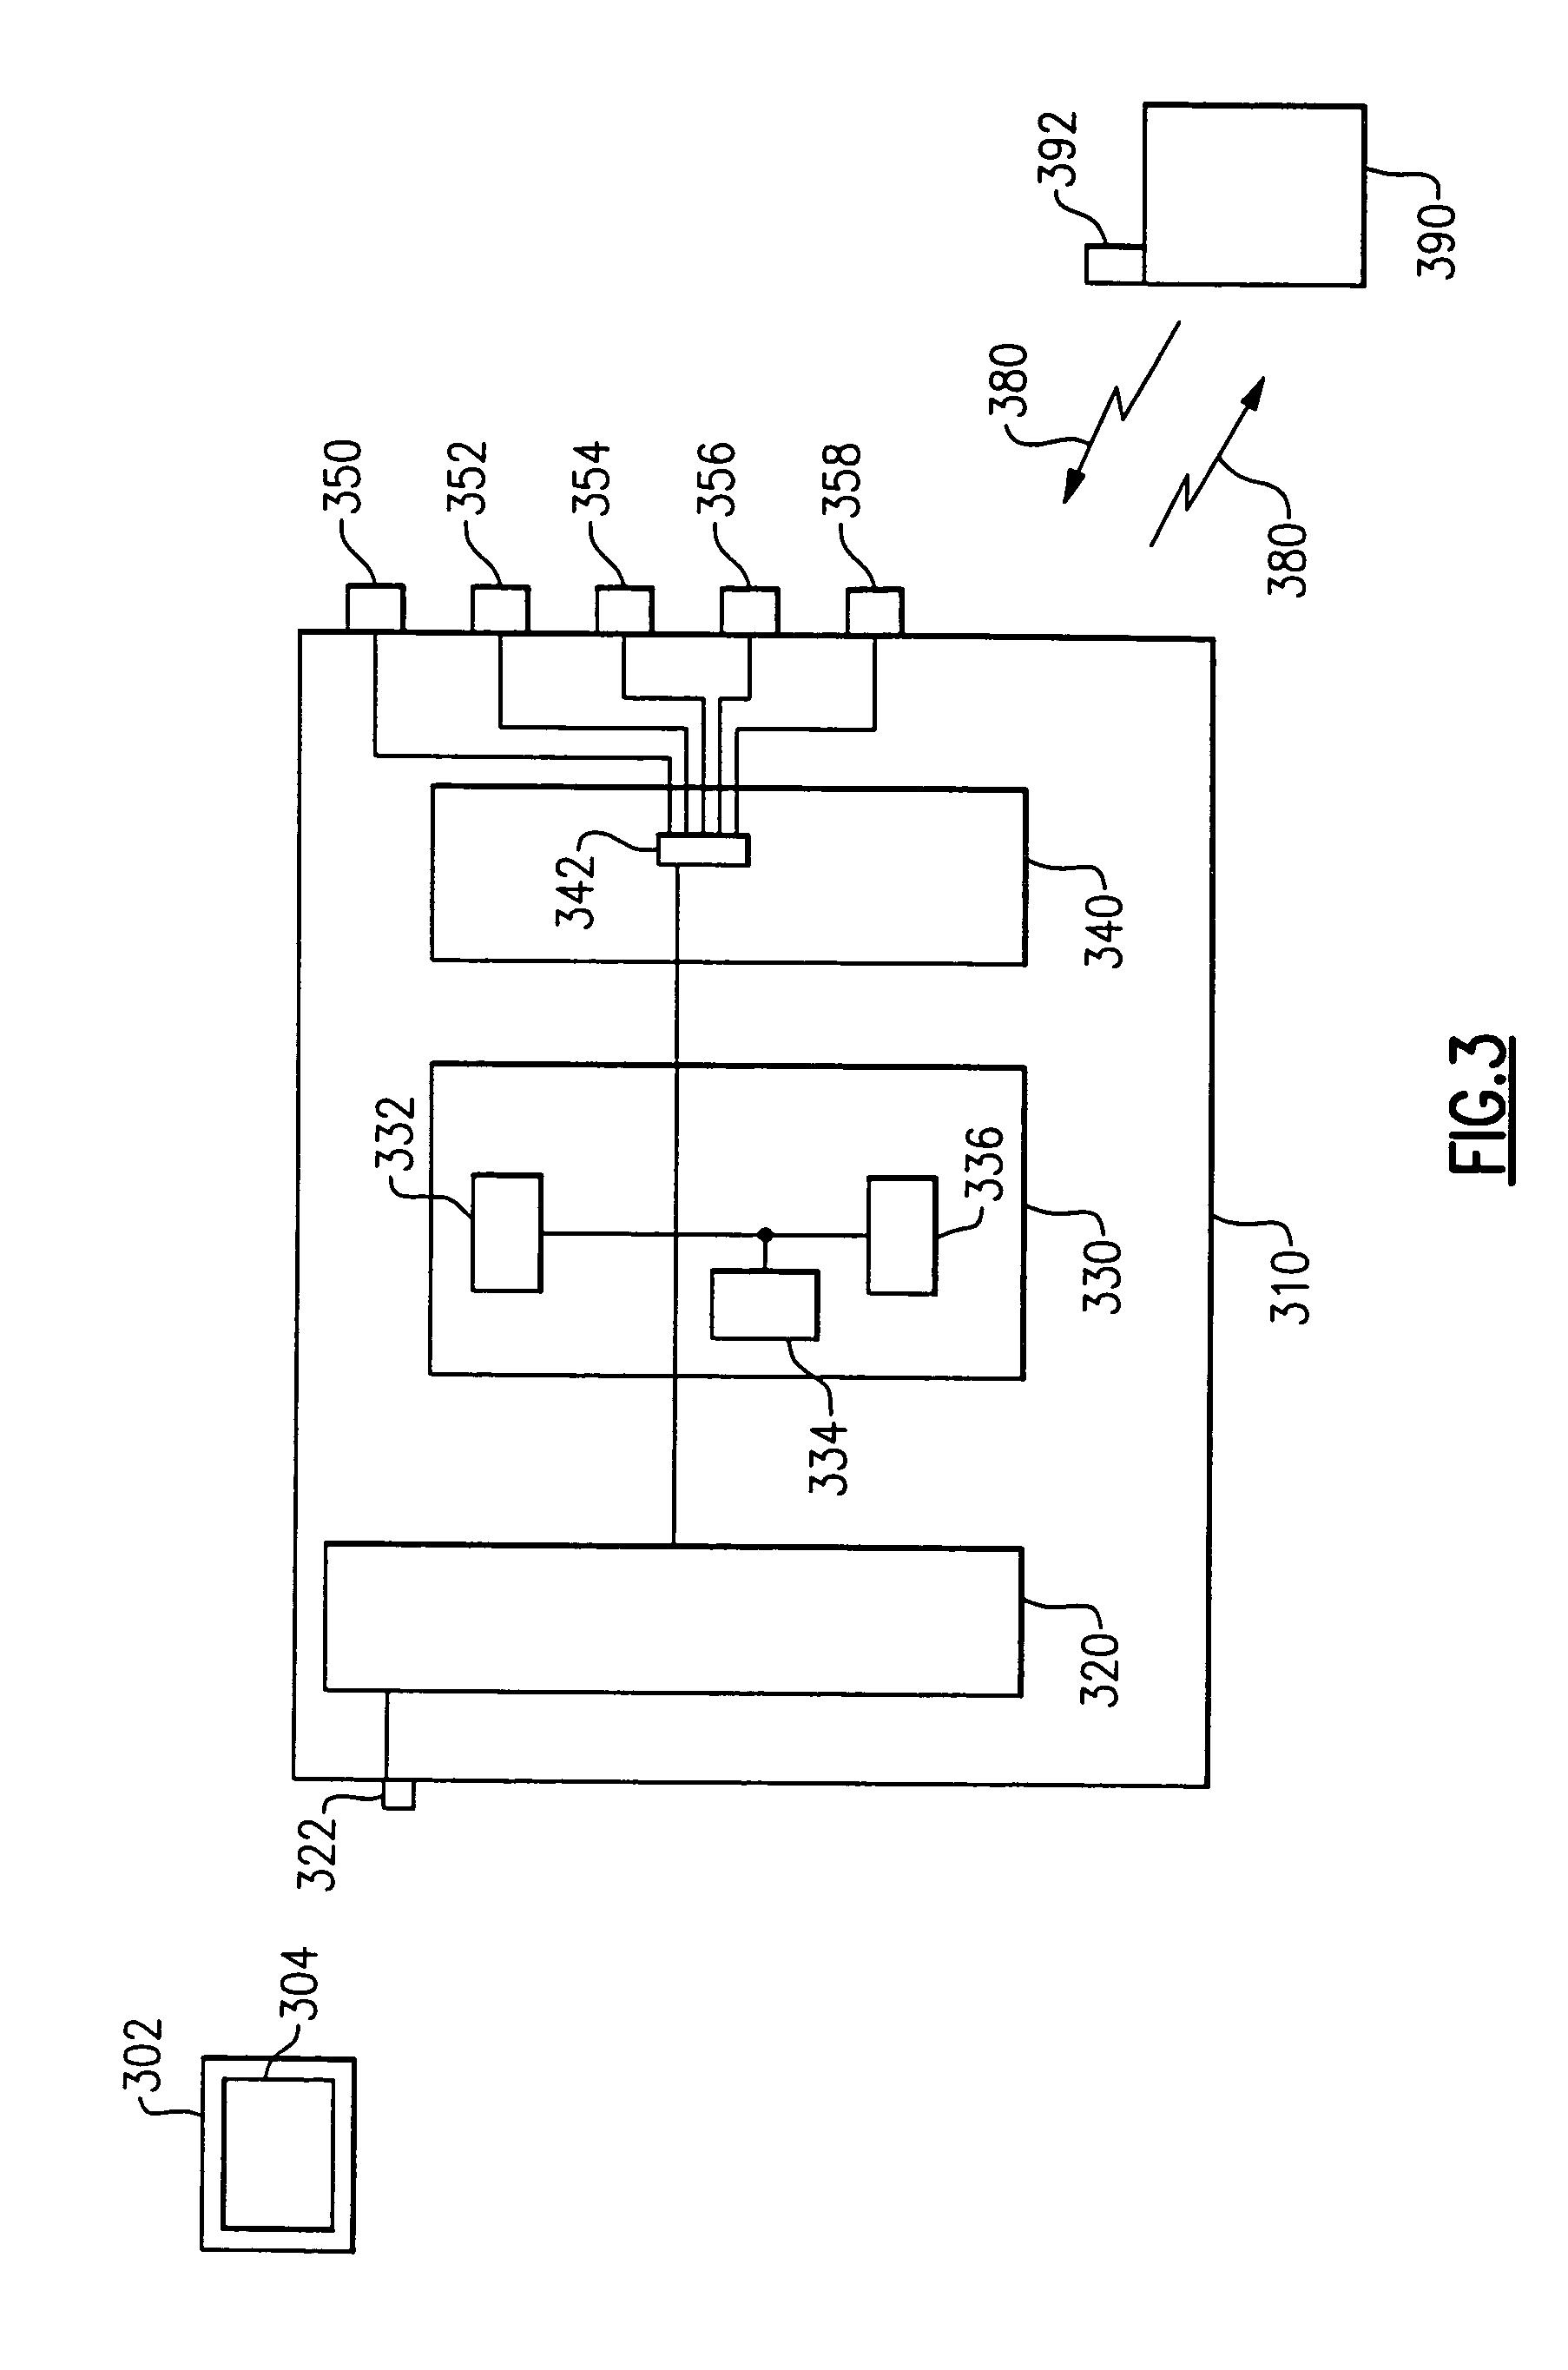 Patent Us 8407097 B2 Psc0 Laptop Toshiba Wiring Diagram